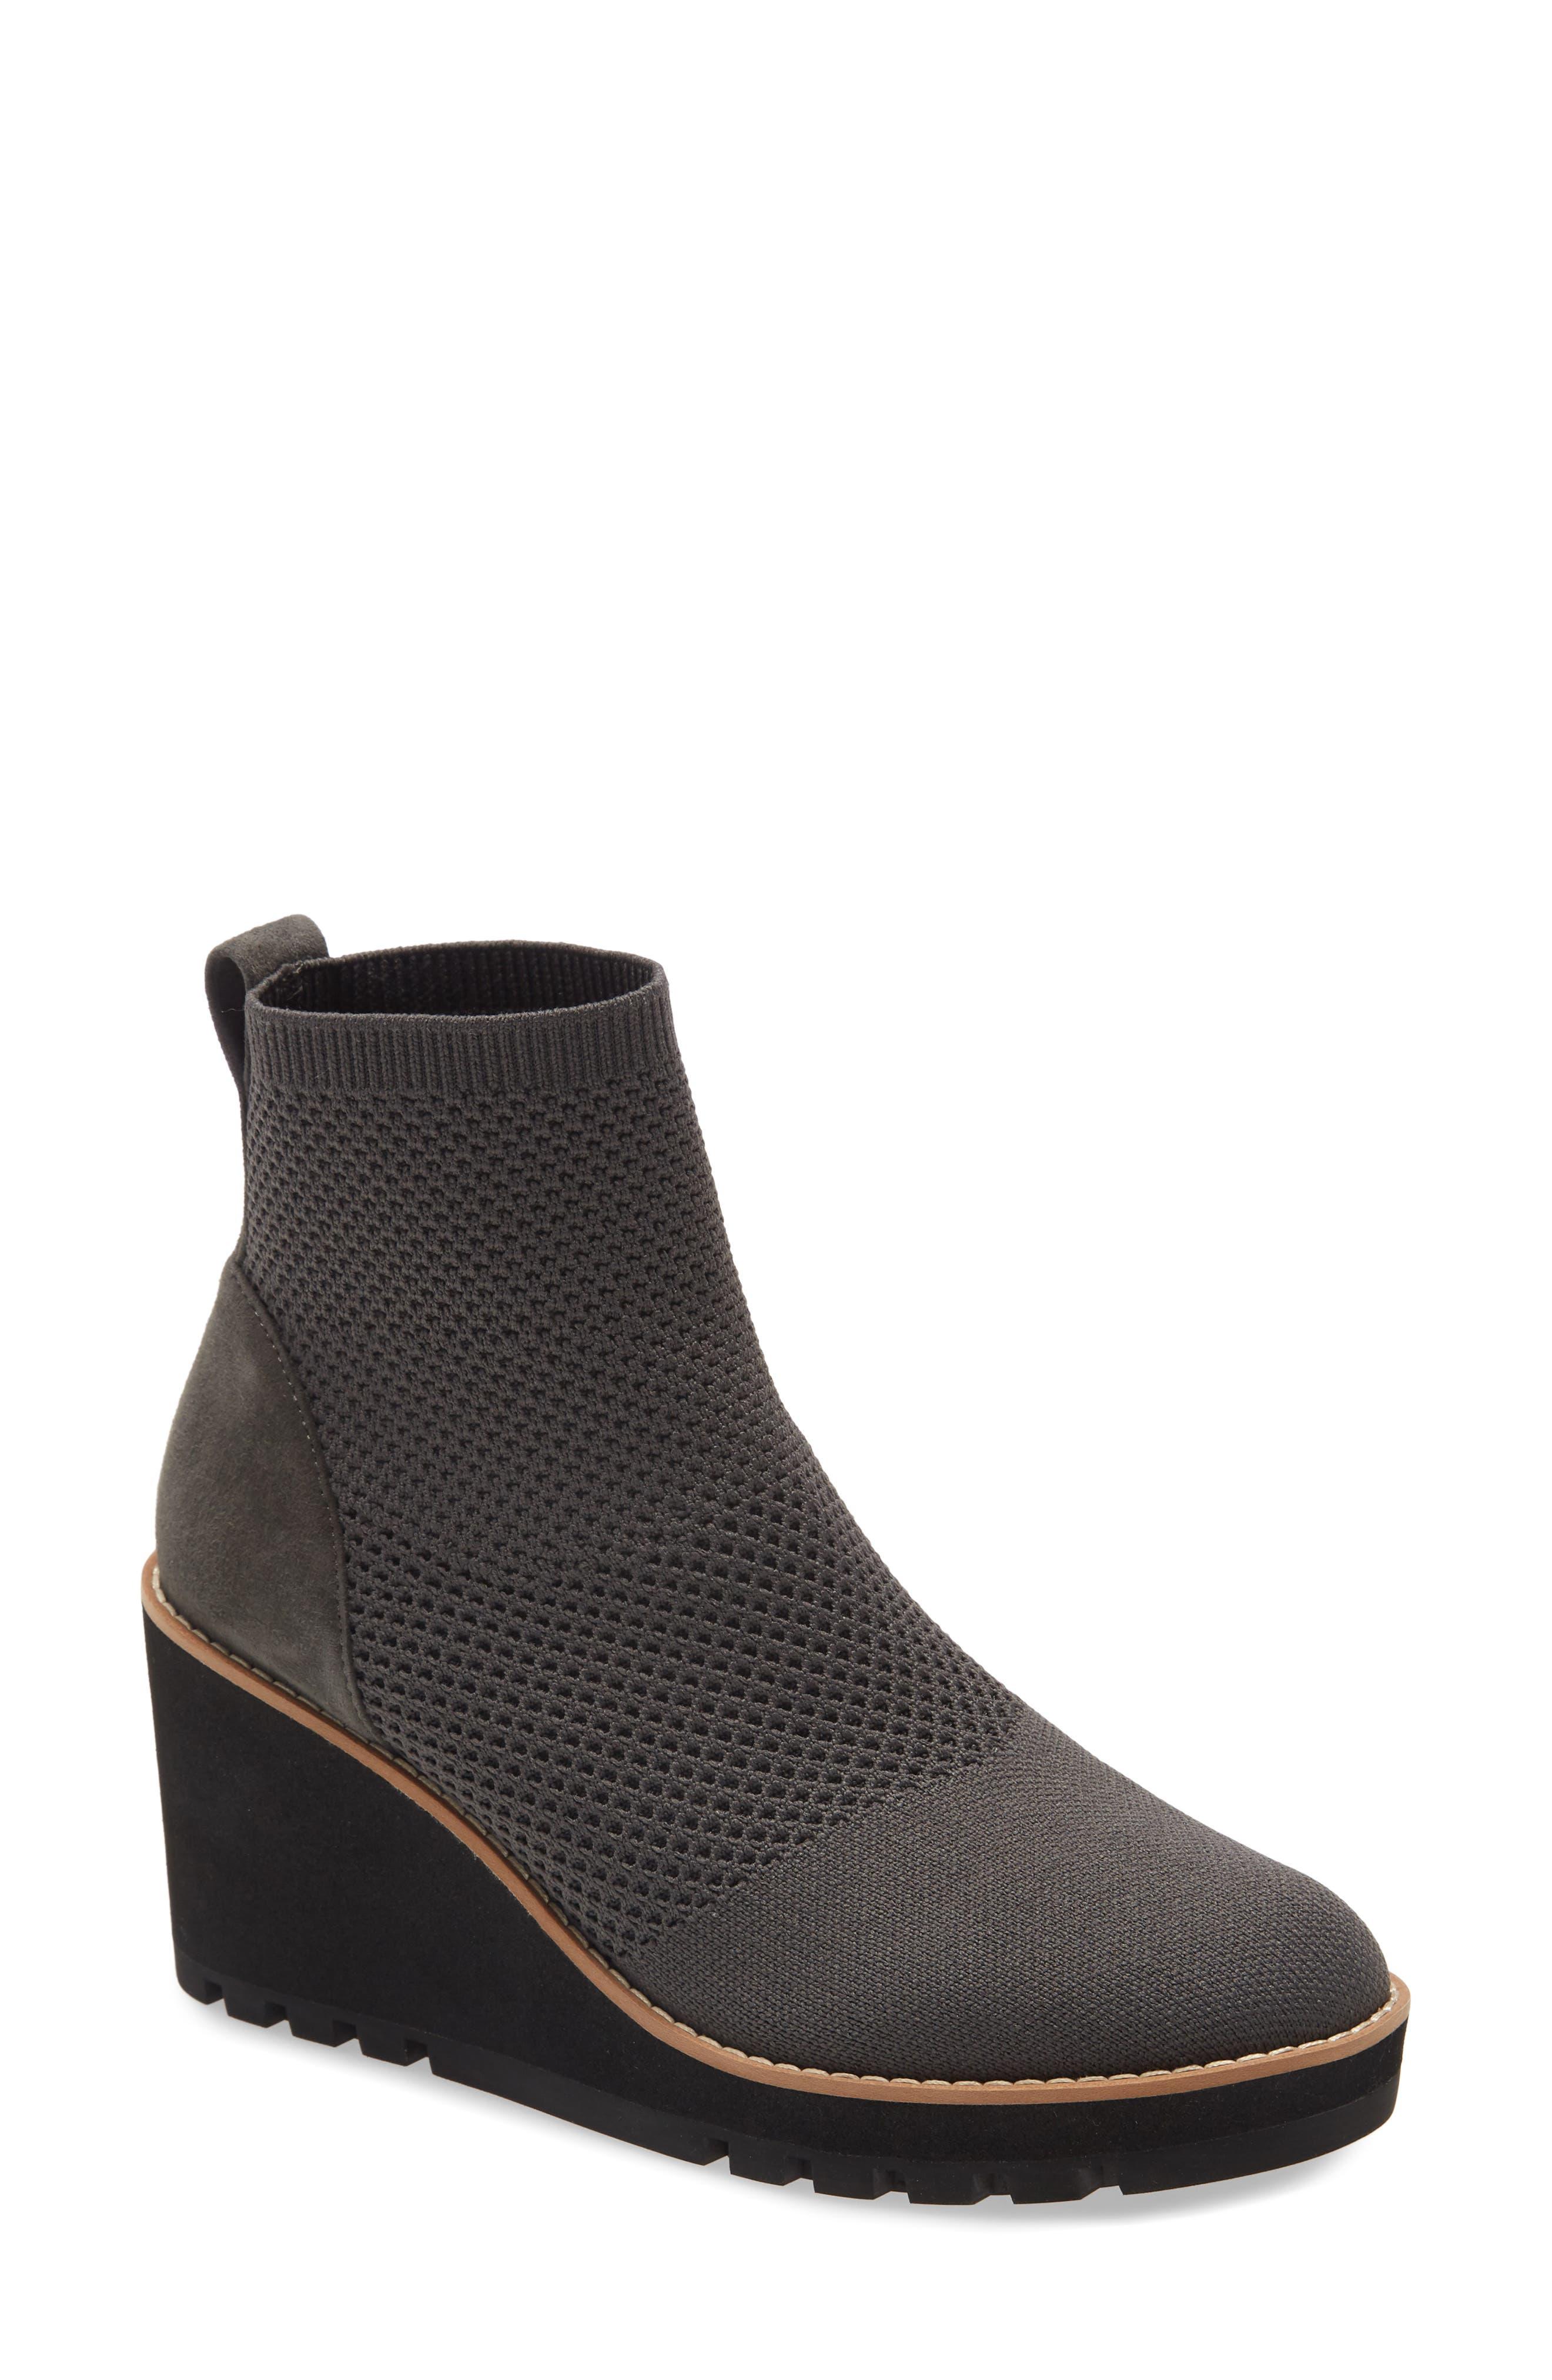 Eileen Fisher Women's Boots \u0026 Booties